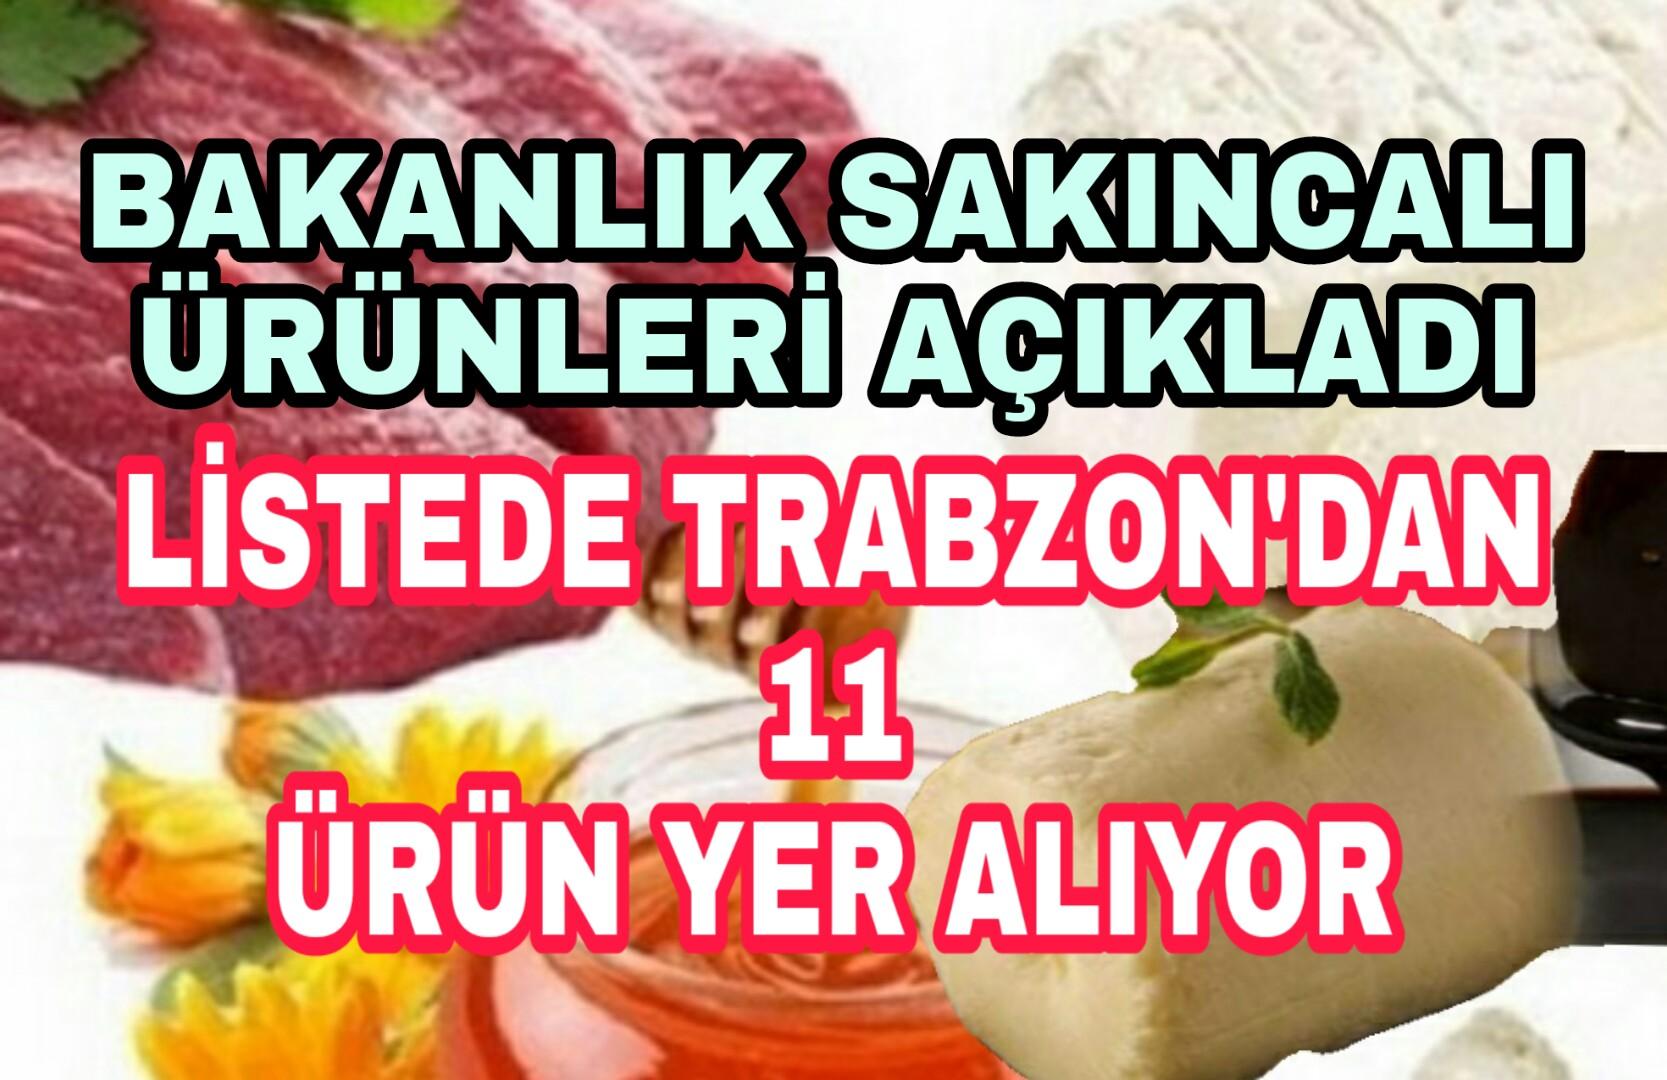 Trabzon'da Üretilen Bu Ürünlere Dikkat Bakanlık Açıkladı